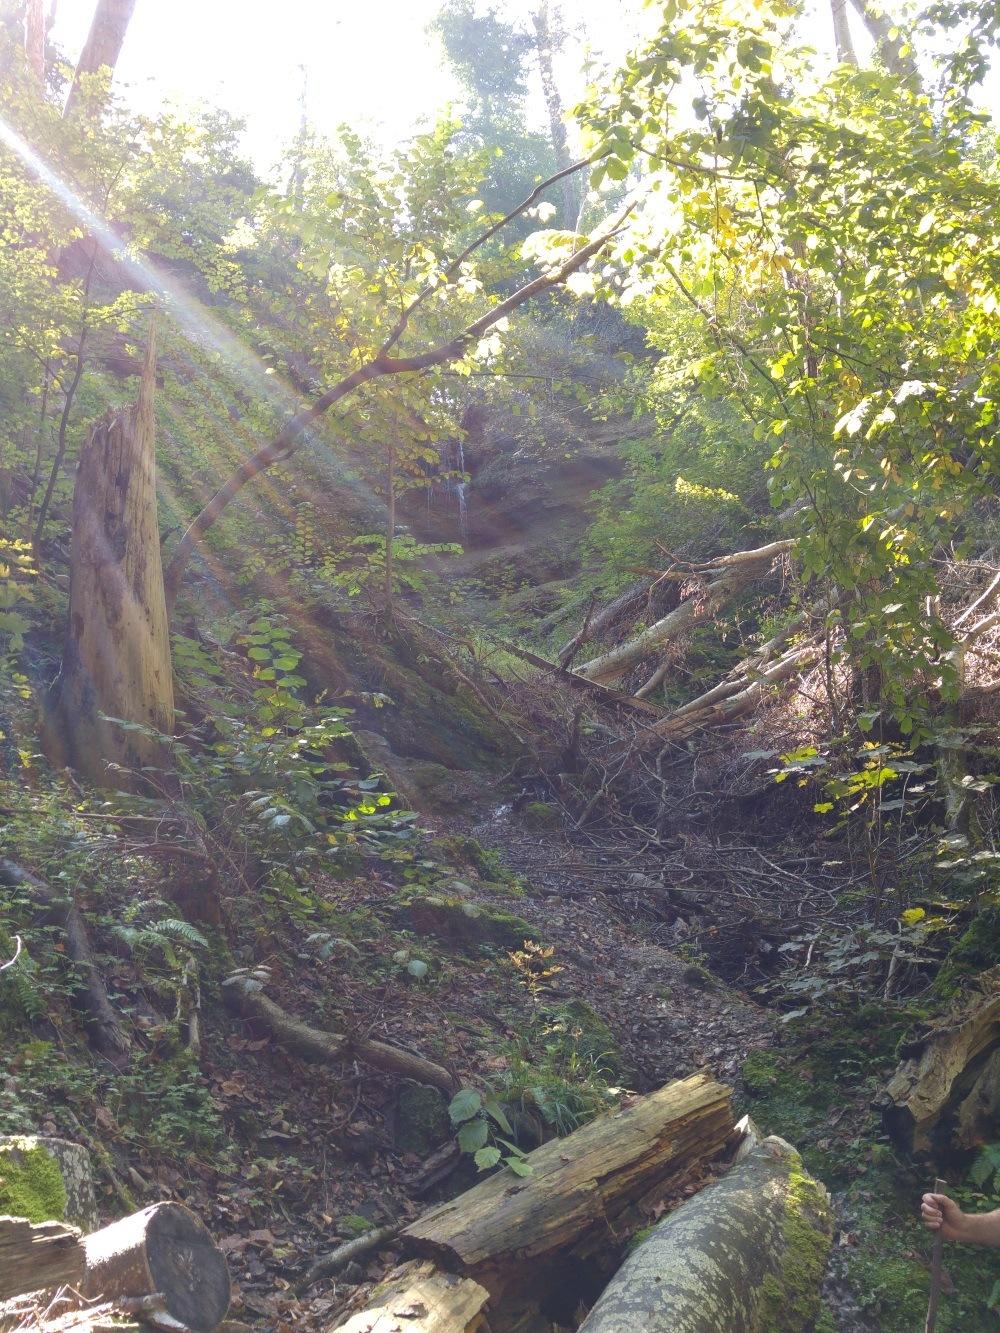 Ein erster kleiner Wasserfall, kaum zu erreichen durch den wild gelassenen Wald